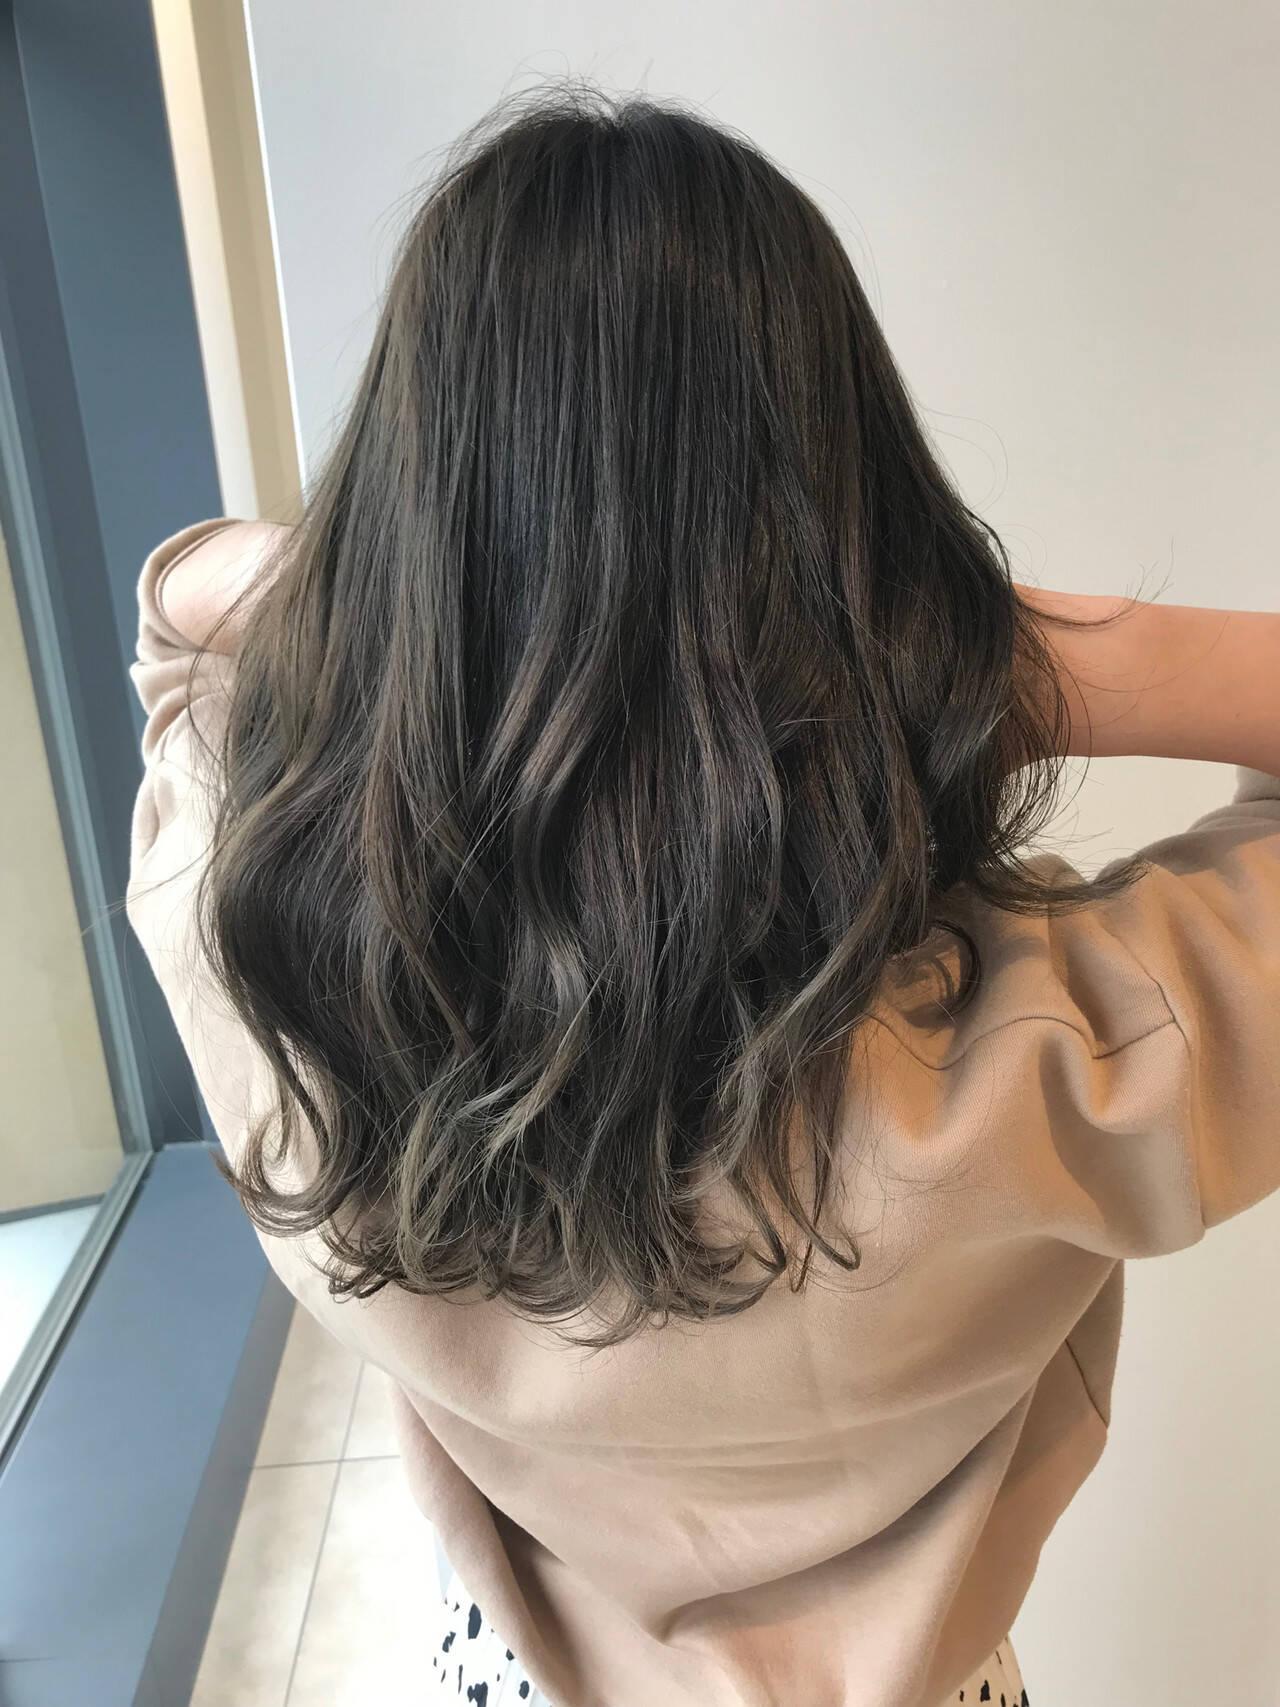 オリーブアッシュ ナチュラル 巻き髪 グレージュヘアスタイルや髪型の写真・画像